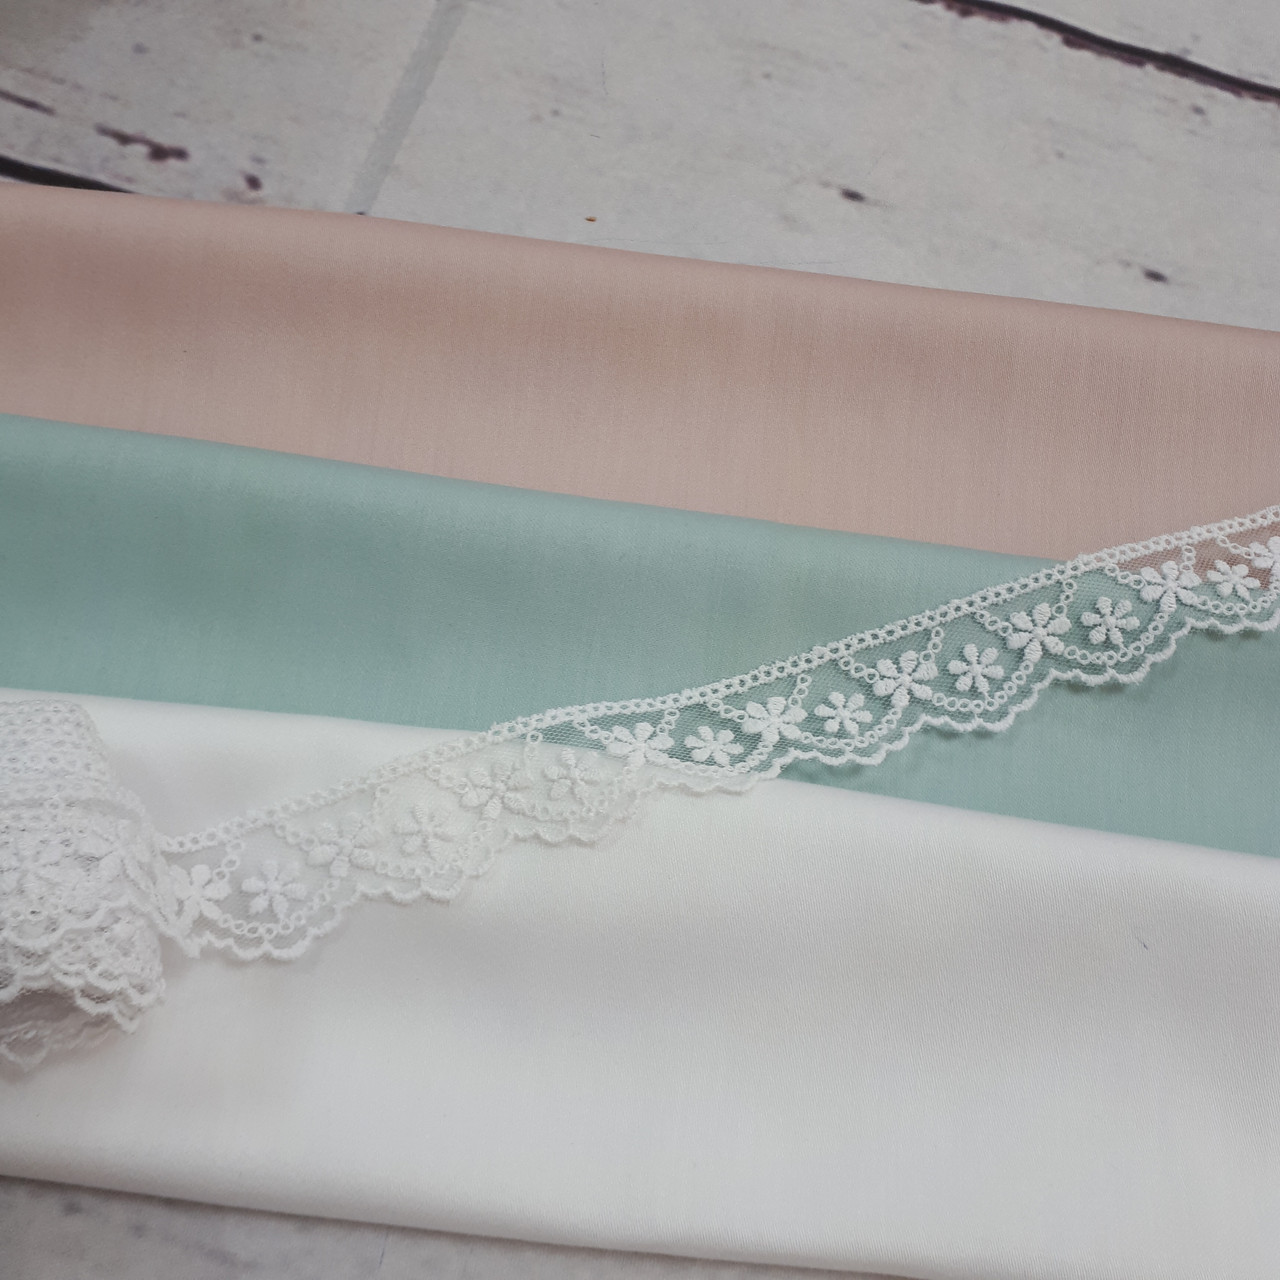 Кружево прозрачное (2см) белого цвета с мелкими цветочками (длина - 14м)